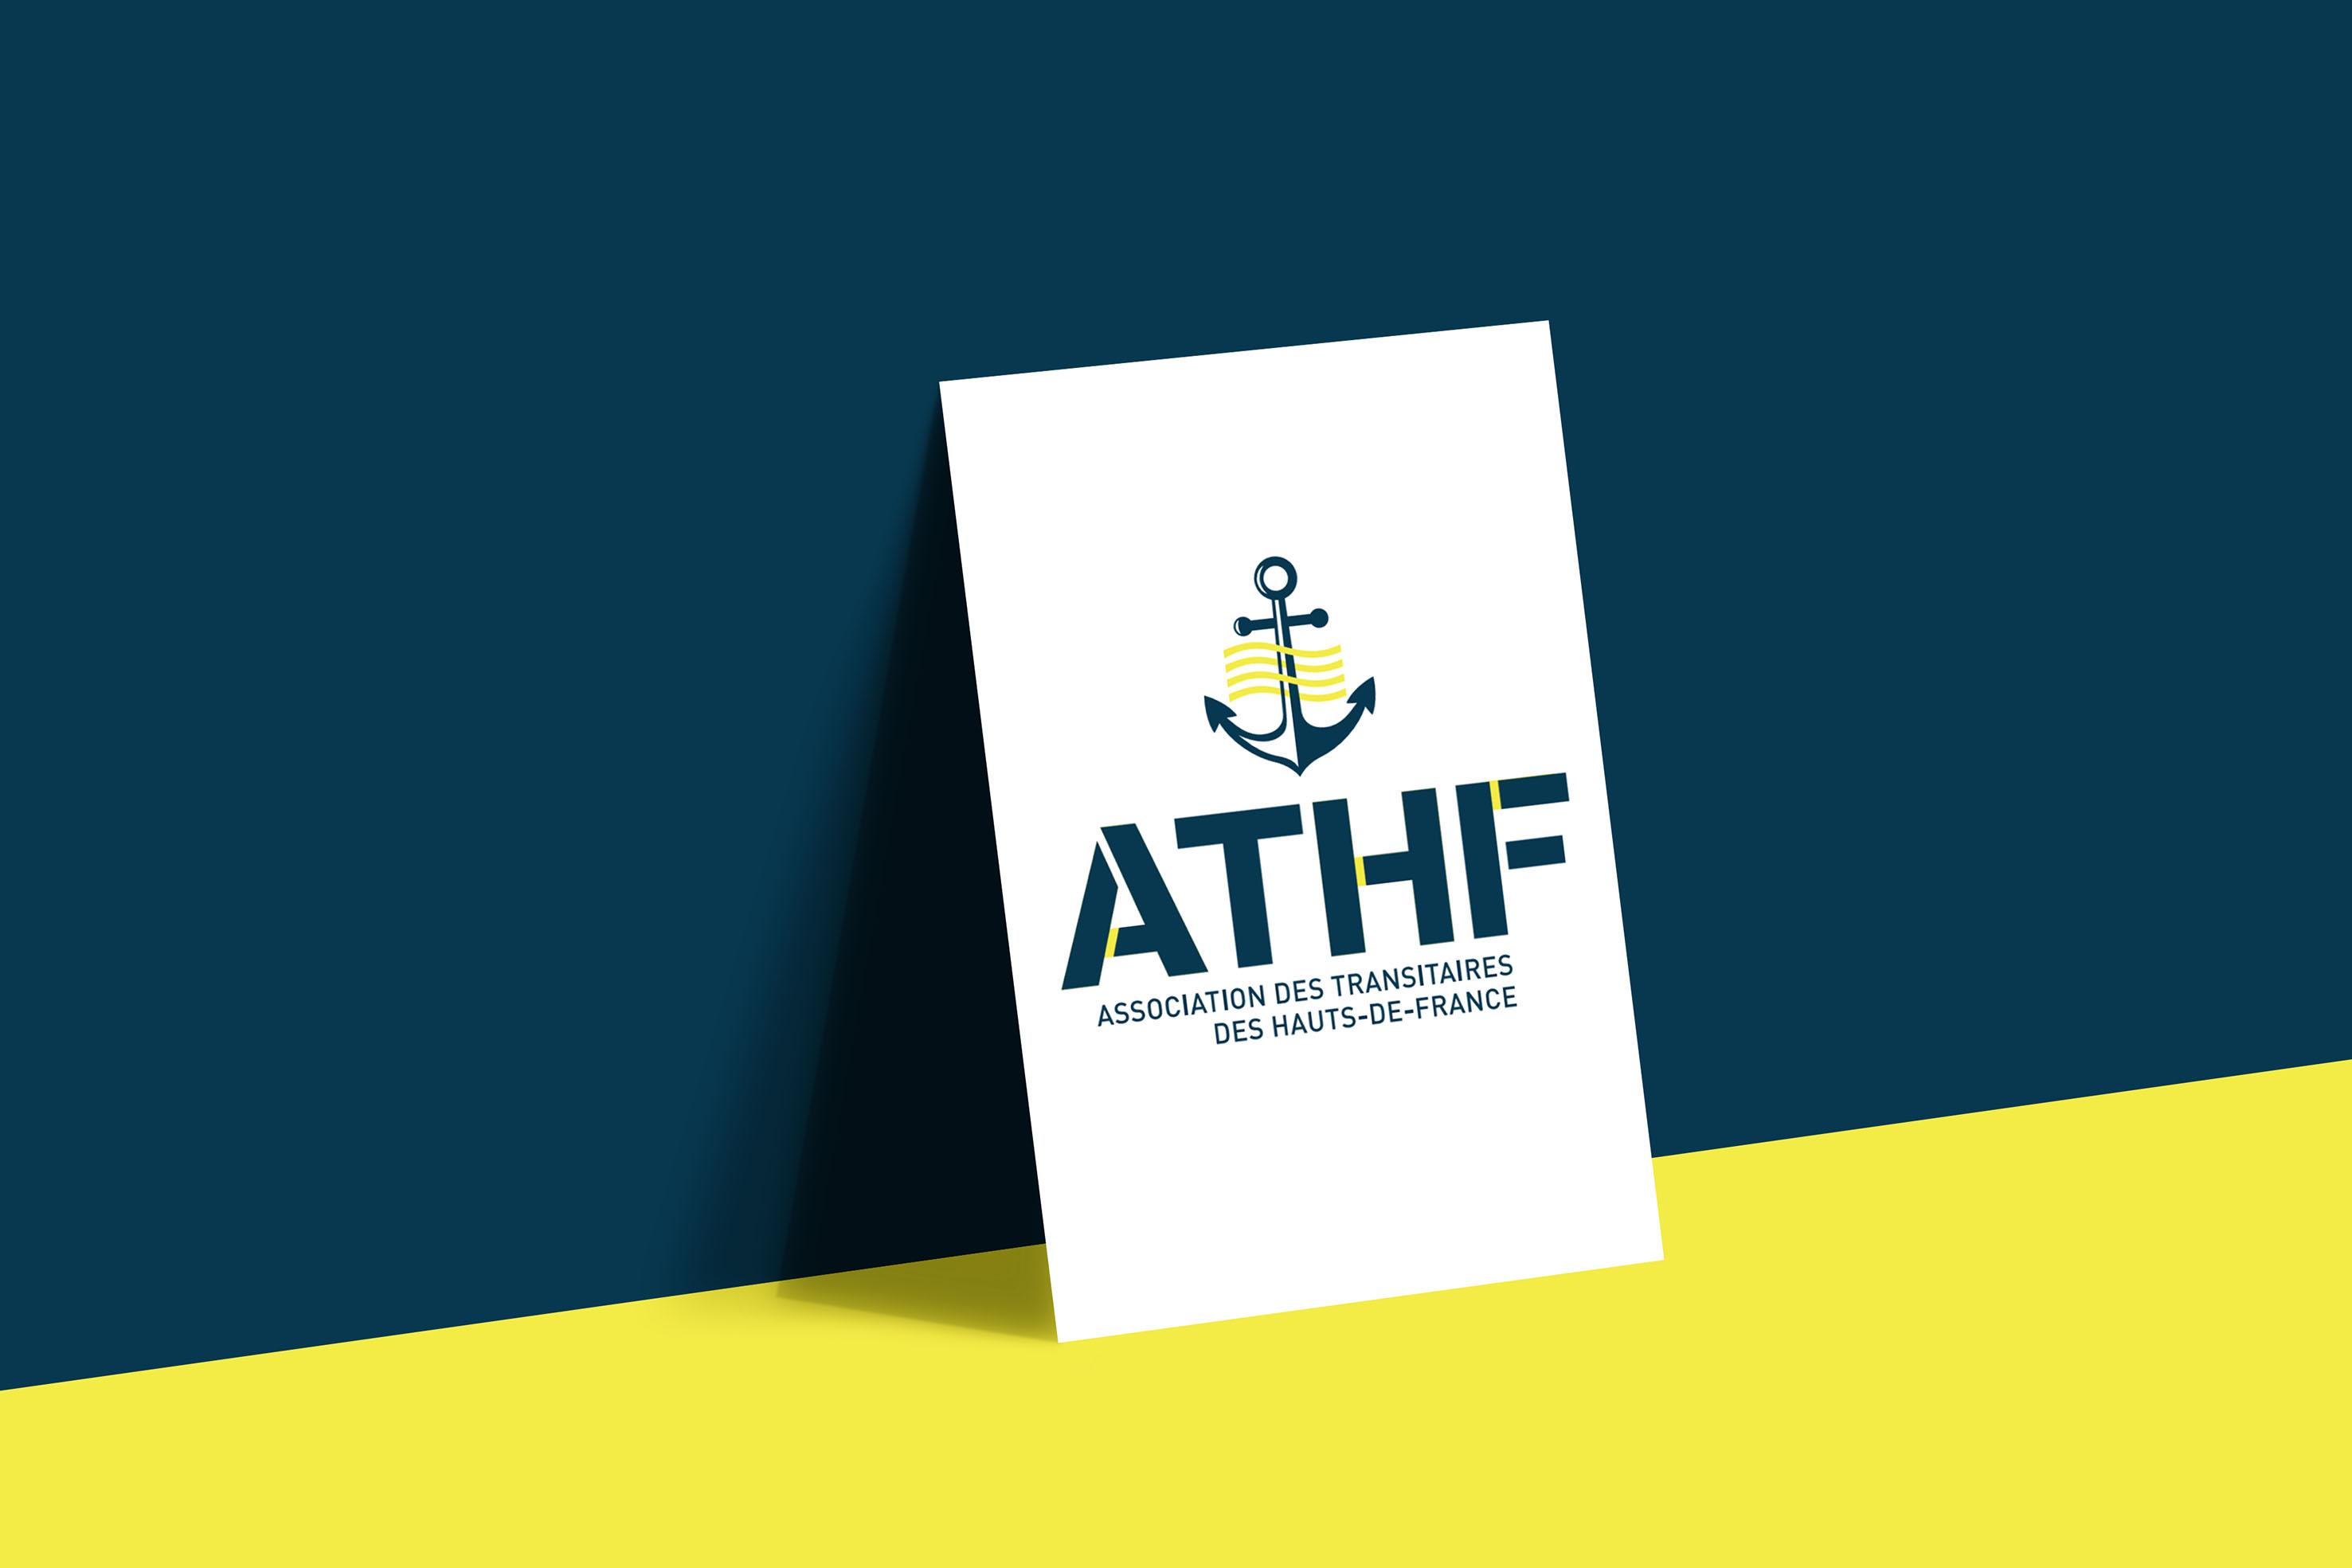 Logo réalisé pour ATHF